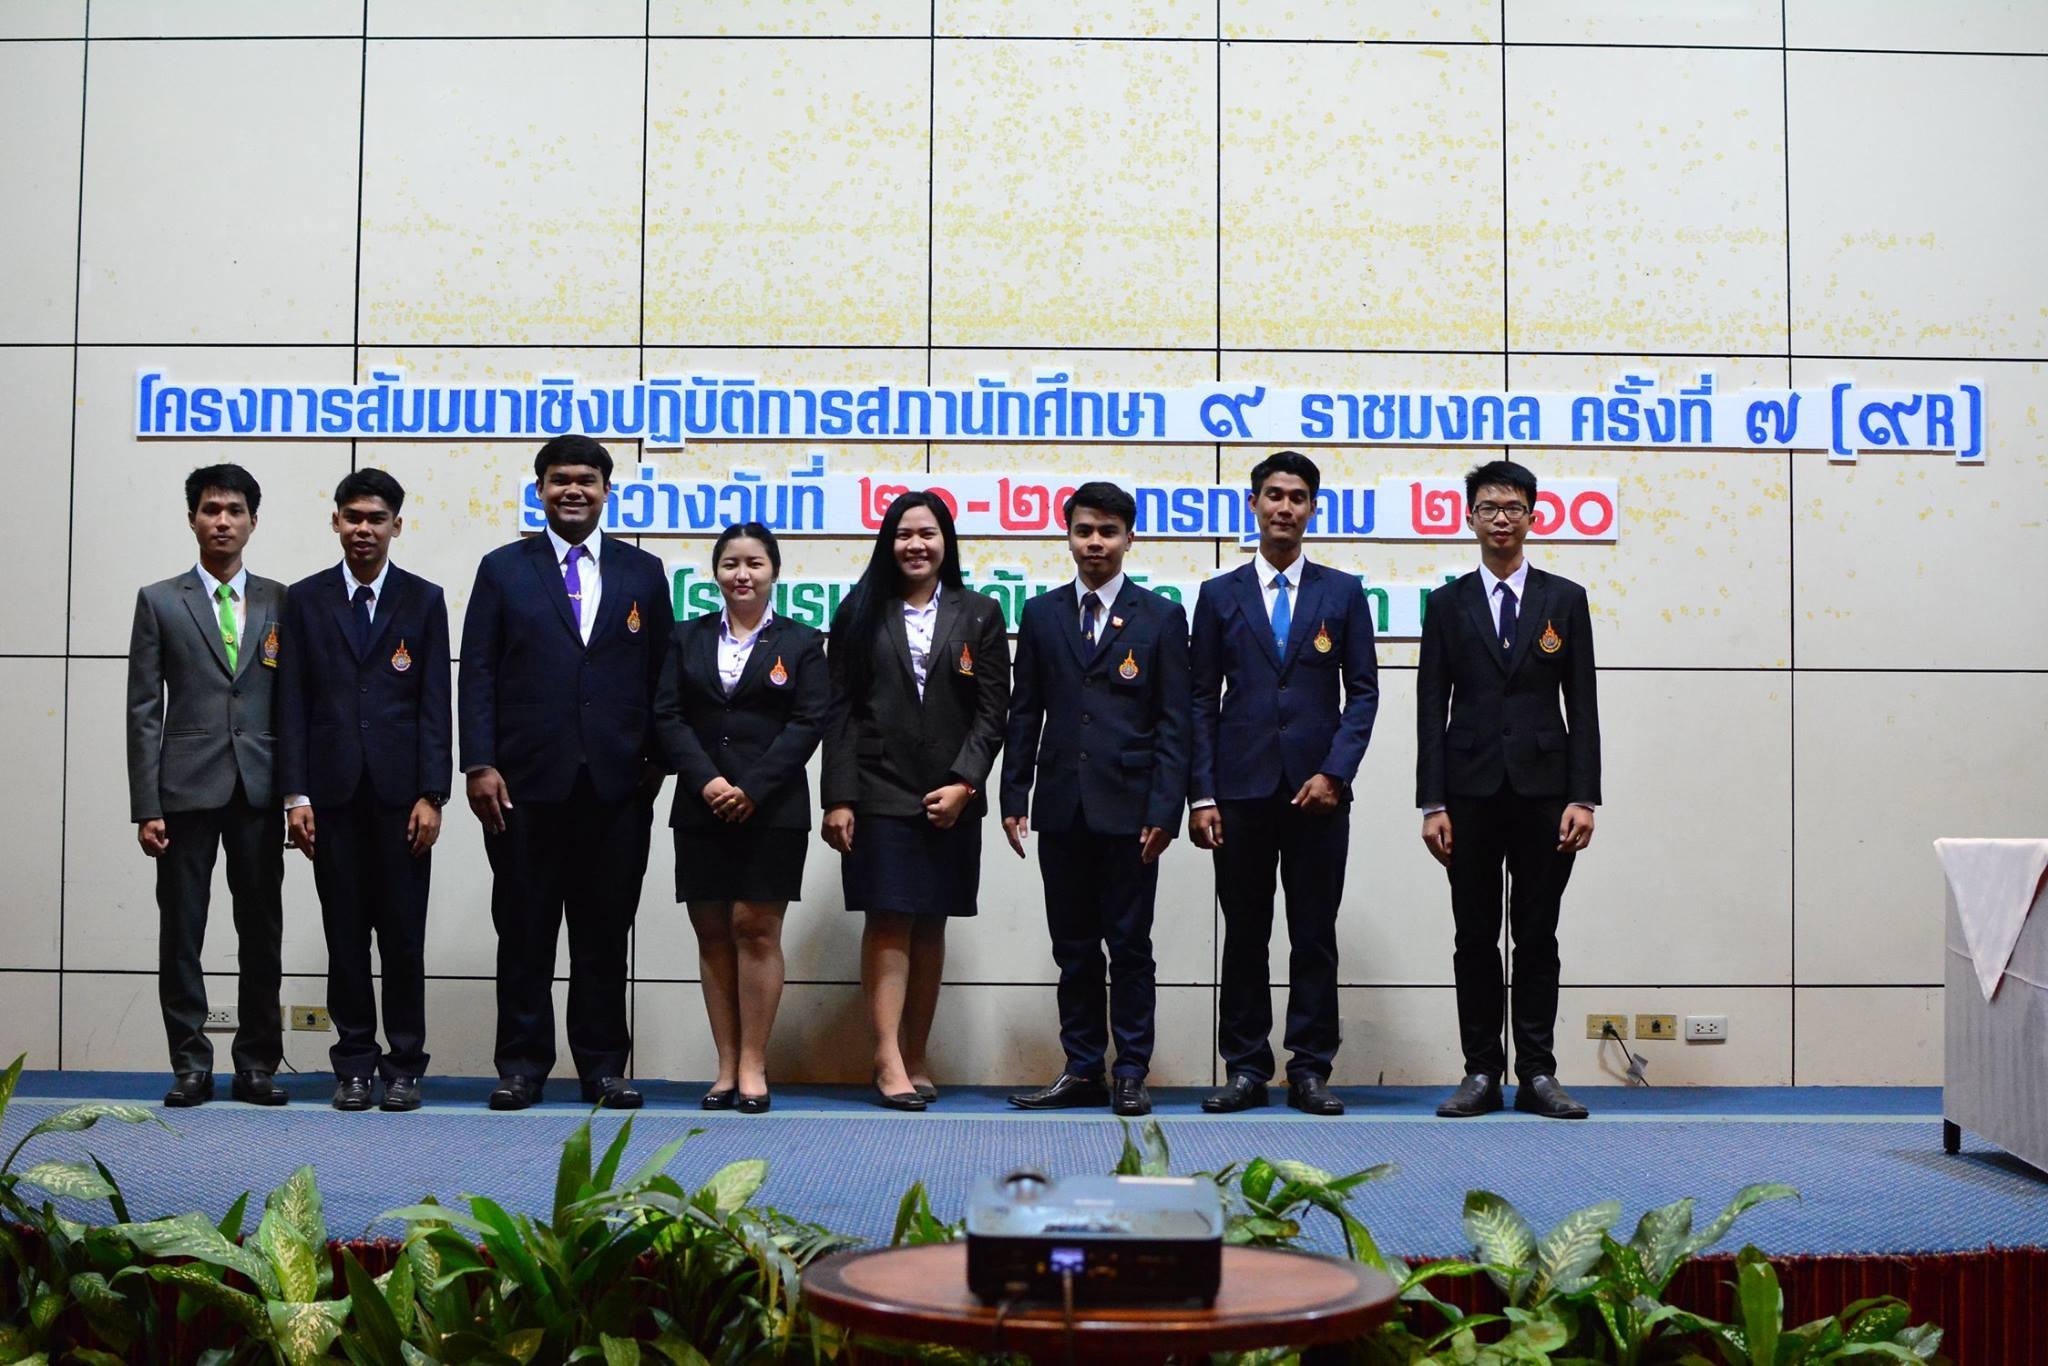 วันที่ 21 – 23 กรกฎาคม 2560 ผู้นำนักศึกษา มทร.ล้านนา เข้าร่วมโครงการสัมมนาฯ สภานักศึกษา 9 ราชมงคล